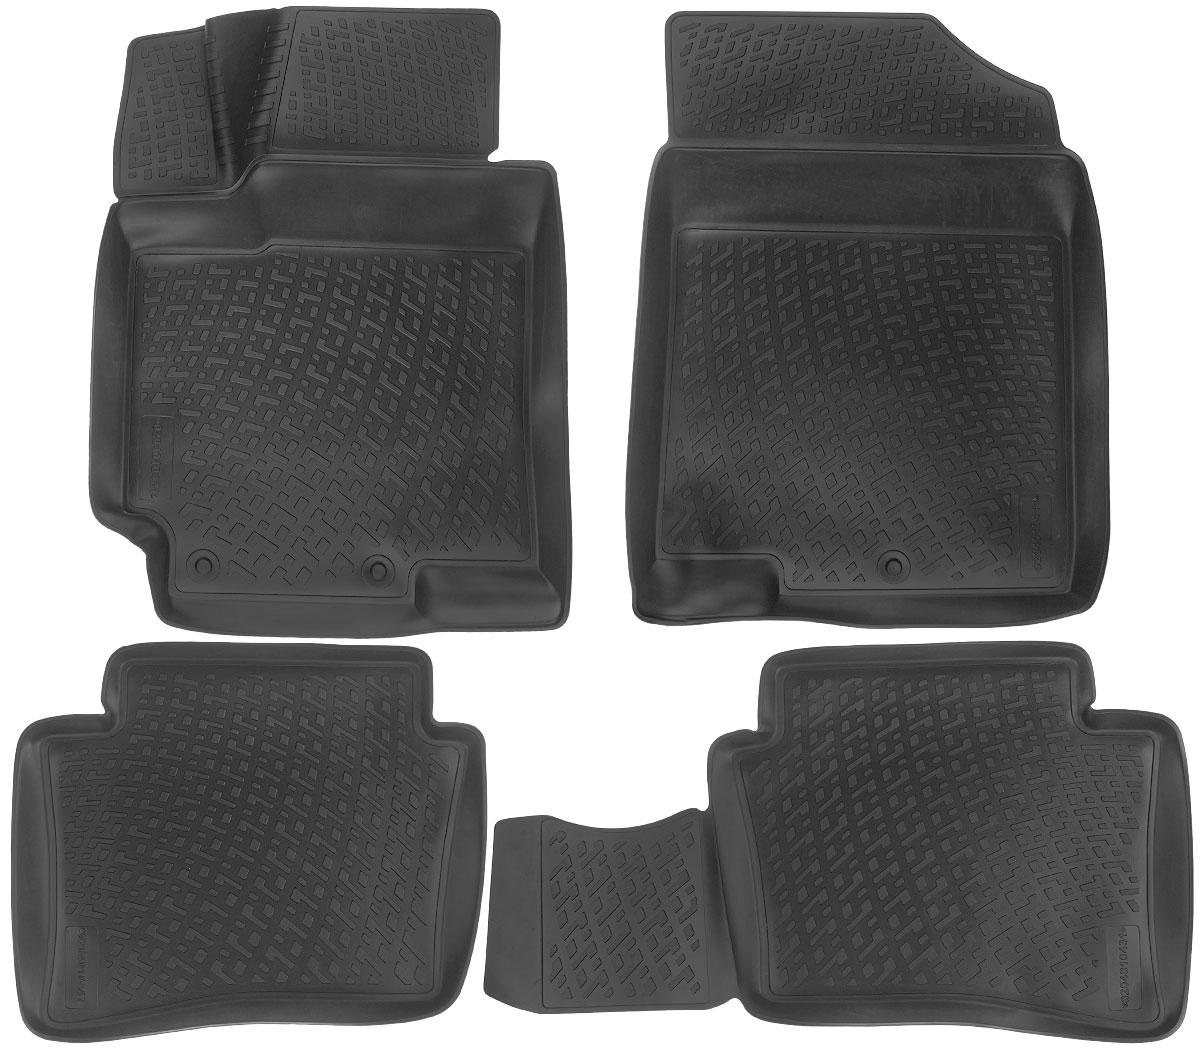 Набор автомобильных ковриков L.Locker Hyundai Accent IV 2010, в салон, 4 шт0204010401Набор L.Locker Hyundai Accent IV 2010, изготовленный из полиуретана, состоит из 4 антискользящих 3D ковриков, которые производятся индивидуально для каждой модели автомобиля. Изделие точно повторяет геометрию пола автомобиля, имеет высокий борт, обладает повышенной износоустойчивостью, лишено резкого запаха и сохраняет свои потребительские свойства в широком диапазоне температур от -50°С до +50°С. Комплектация: 4 шт.Размер ковриков: 75 см х 56 см; 84 см х 45 см; 56 см х 46 см; 73 см х 56 см.